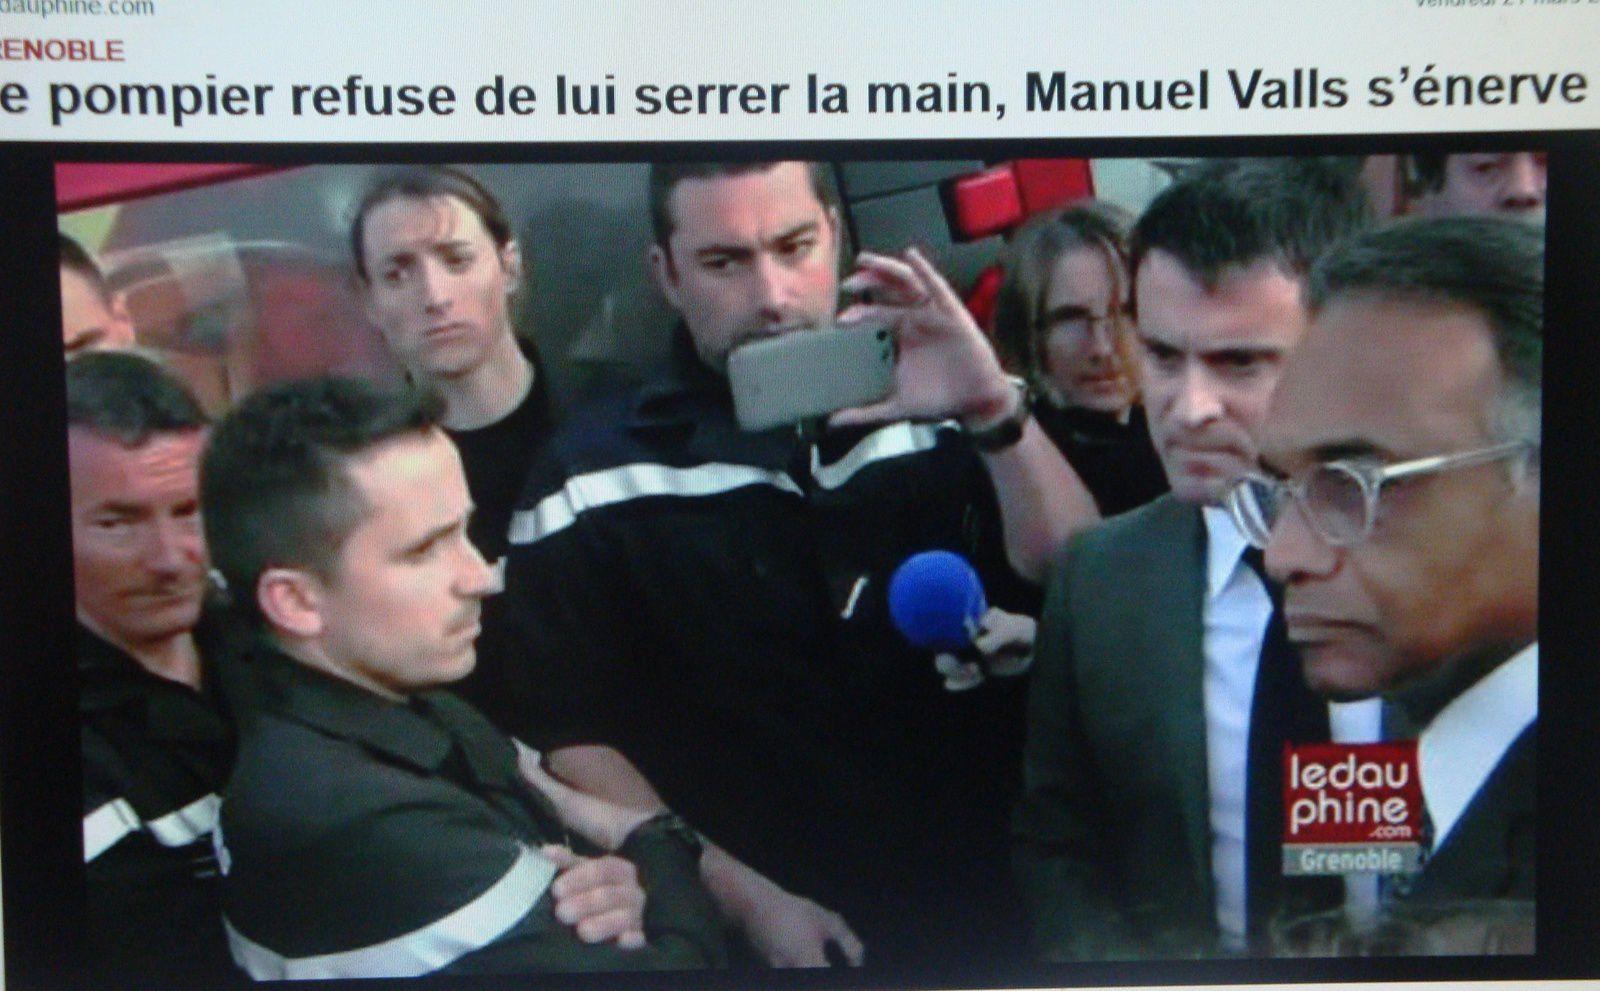 Quand Valls vérifie, à ses dépens, l'intensité de la colère qui monte.